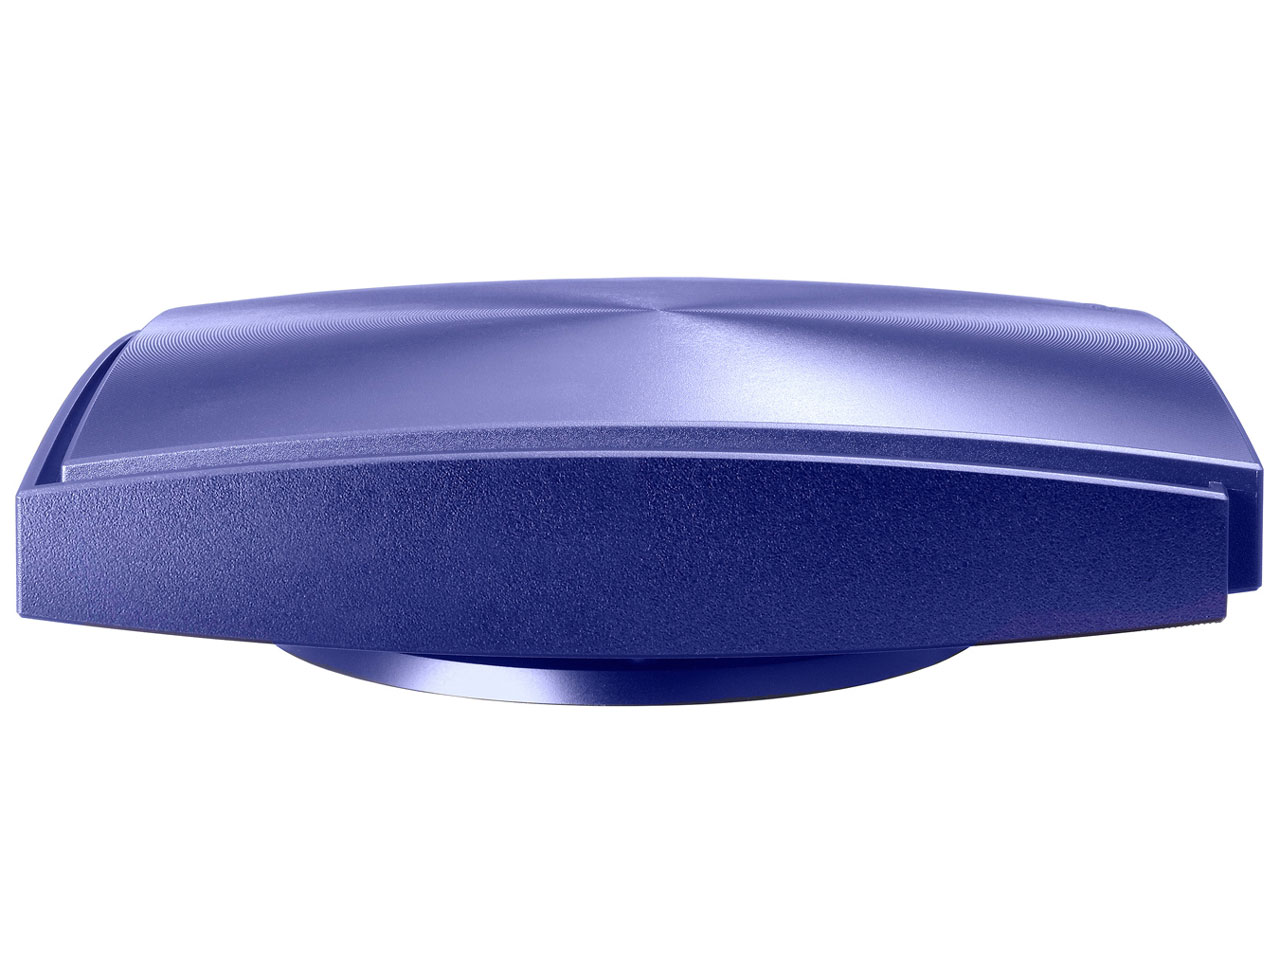 『本体 横置き時』 WN-AX2033GR2/E [ミレニアム群青] の製品画像